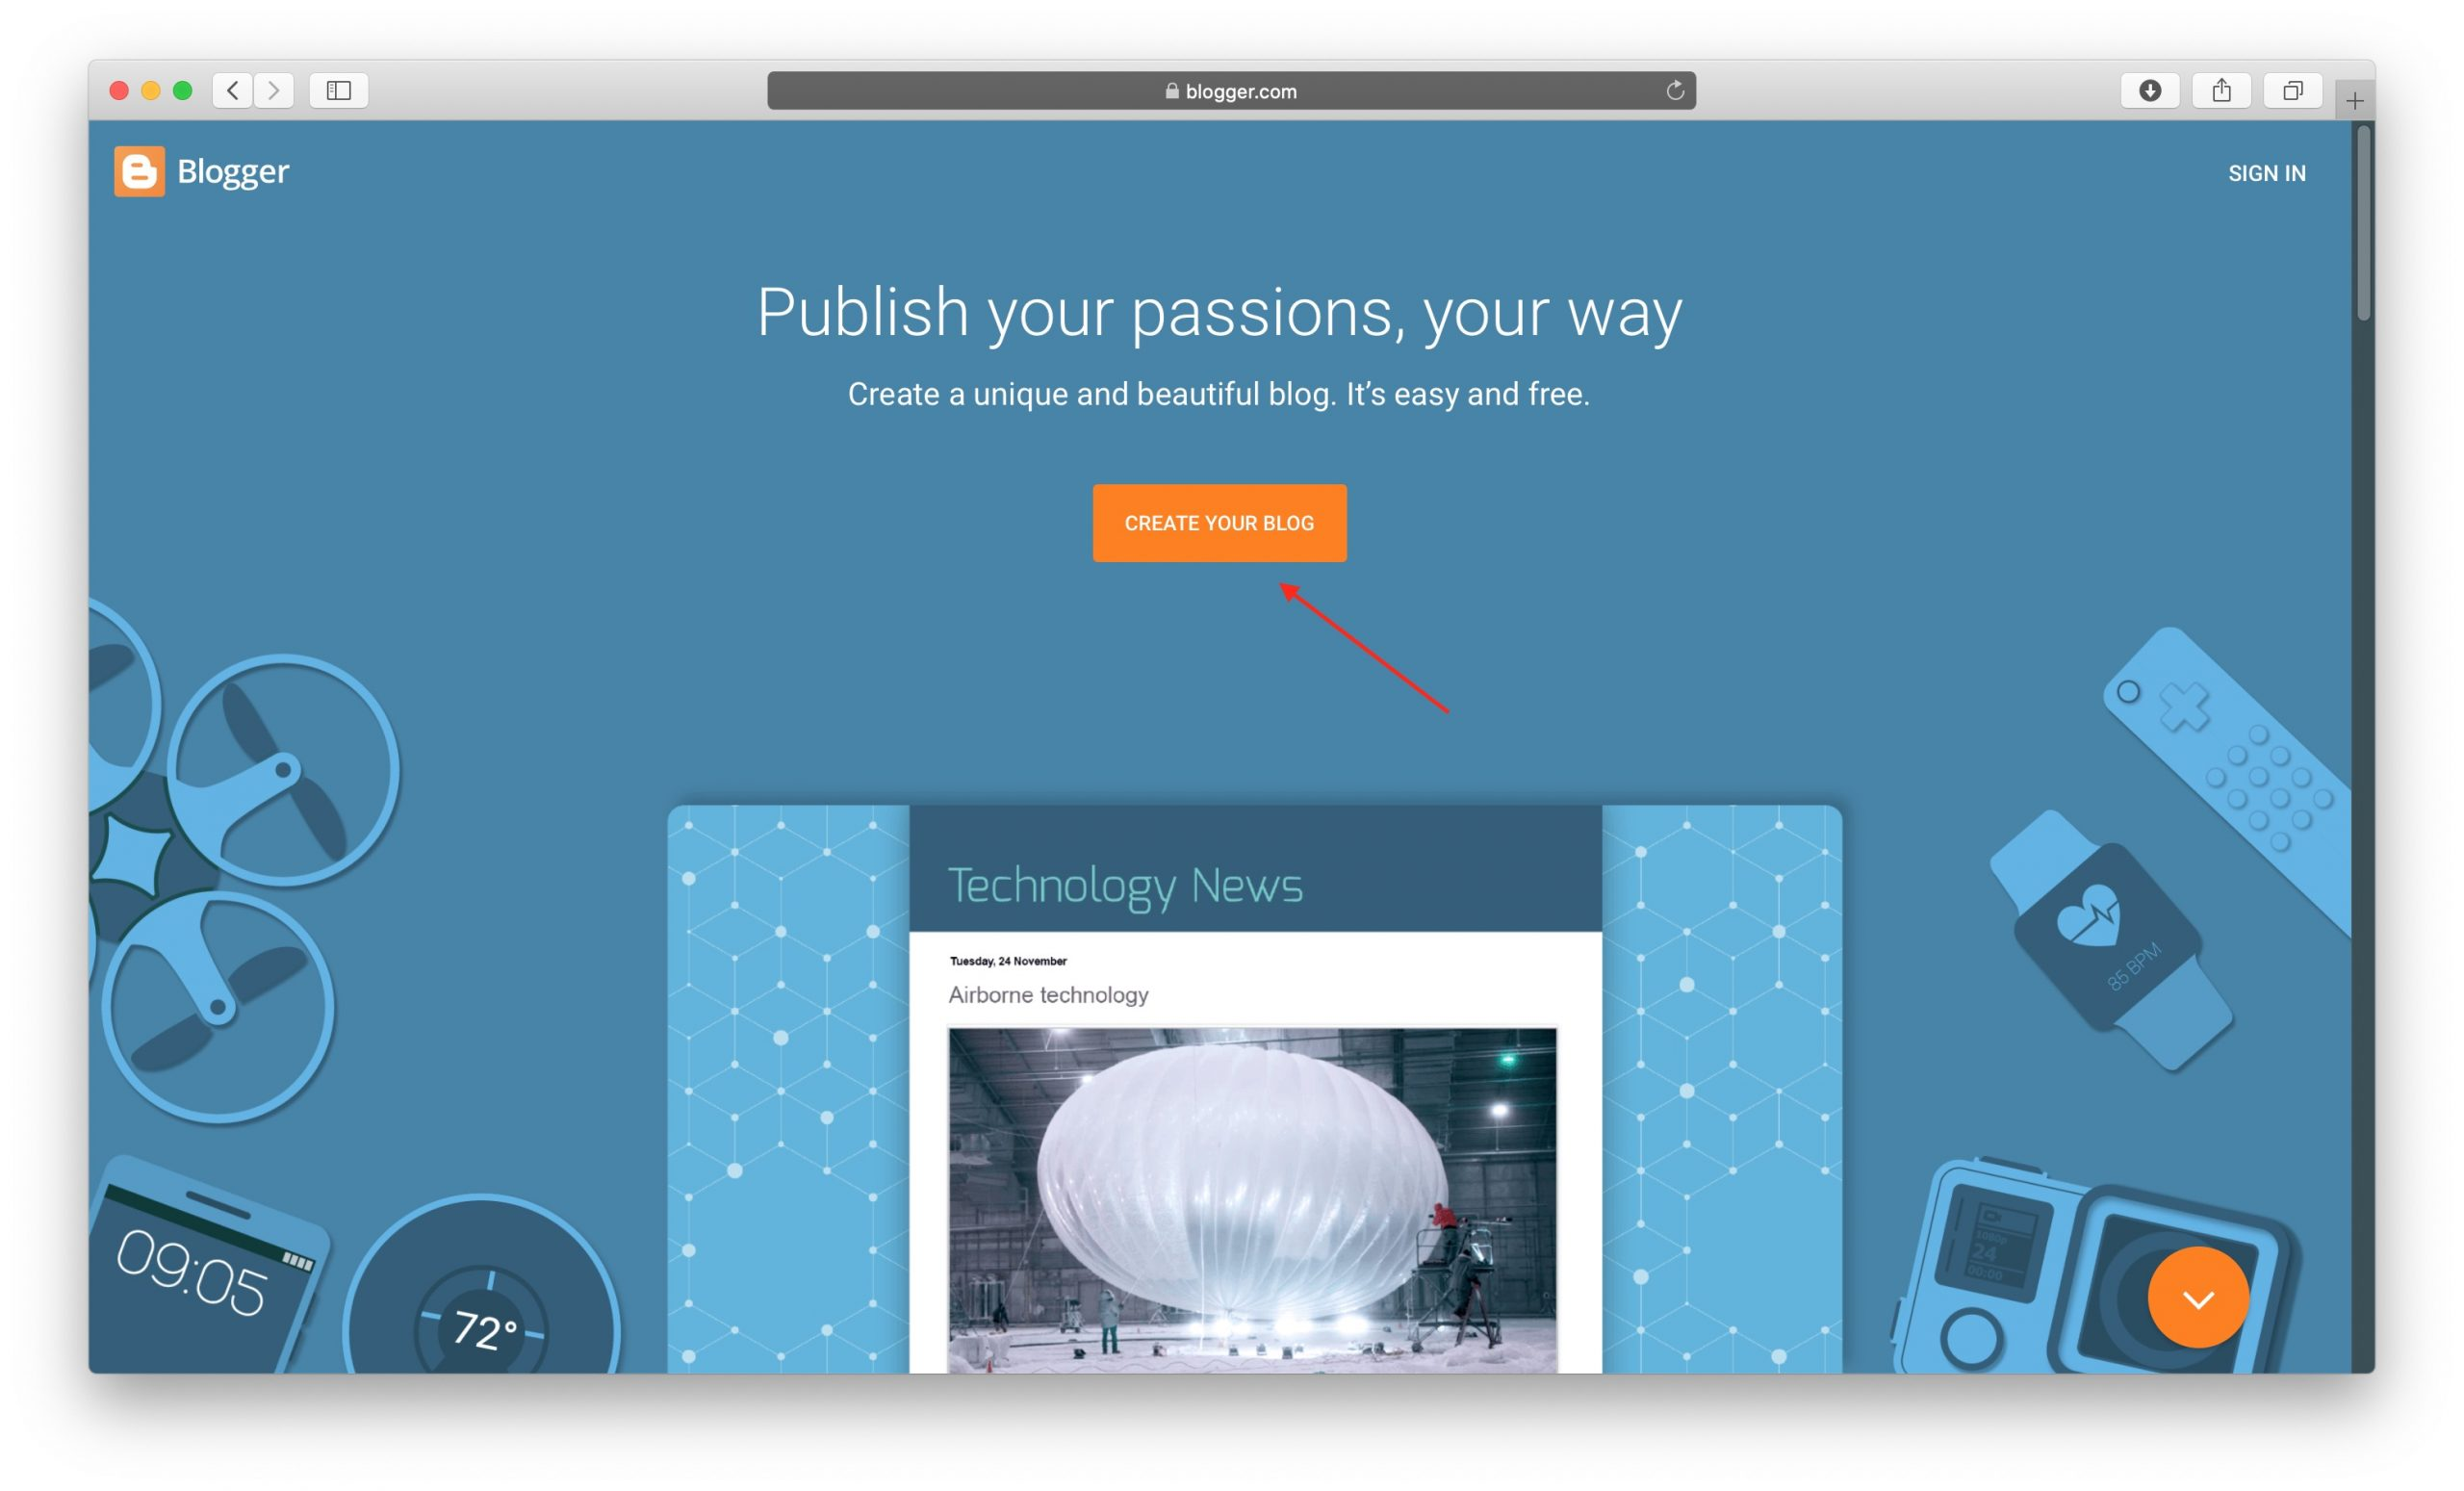 Cara Membuat Blog di Blogger, cara membuat akun blog, menjadi blogger yang menghasilkan uang, cara membuat blog di wordpress, contoh blog pribadi,